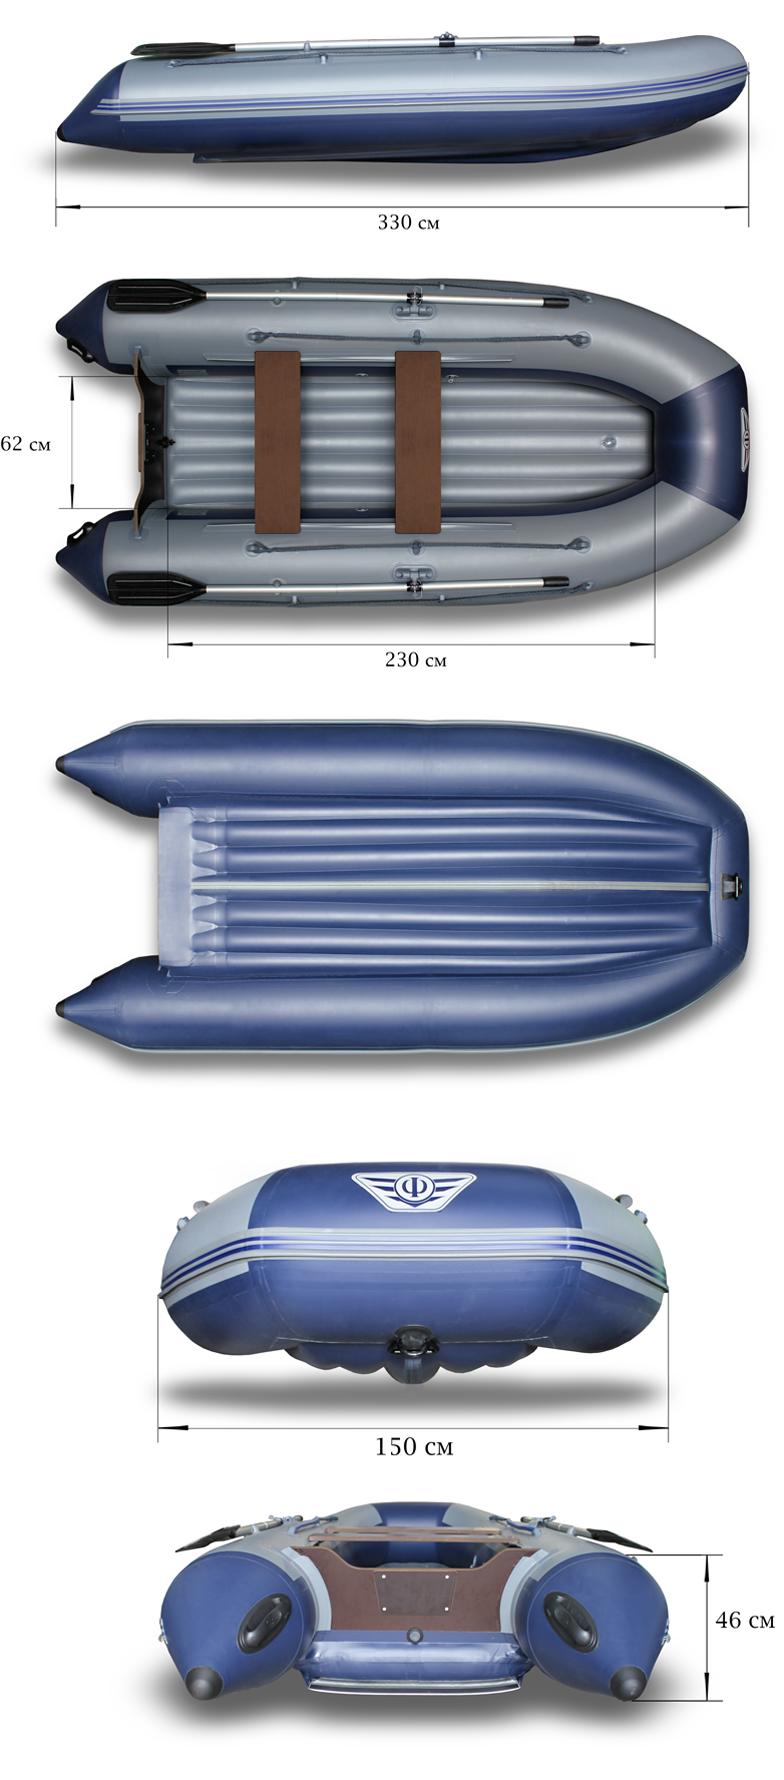 купить лодку флагман 320 в екатеринбурге